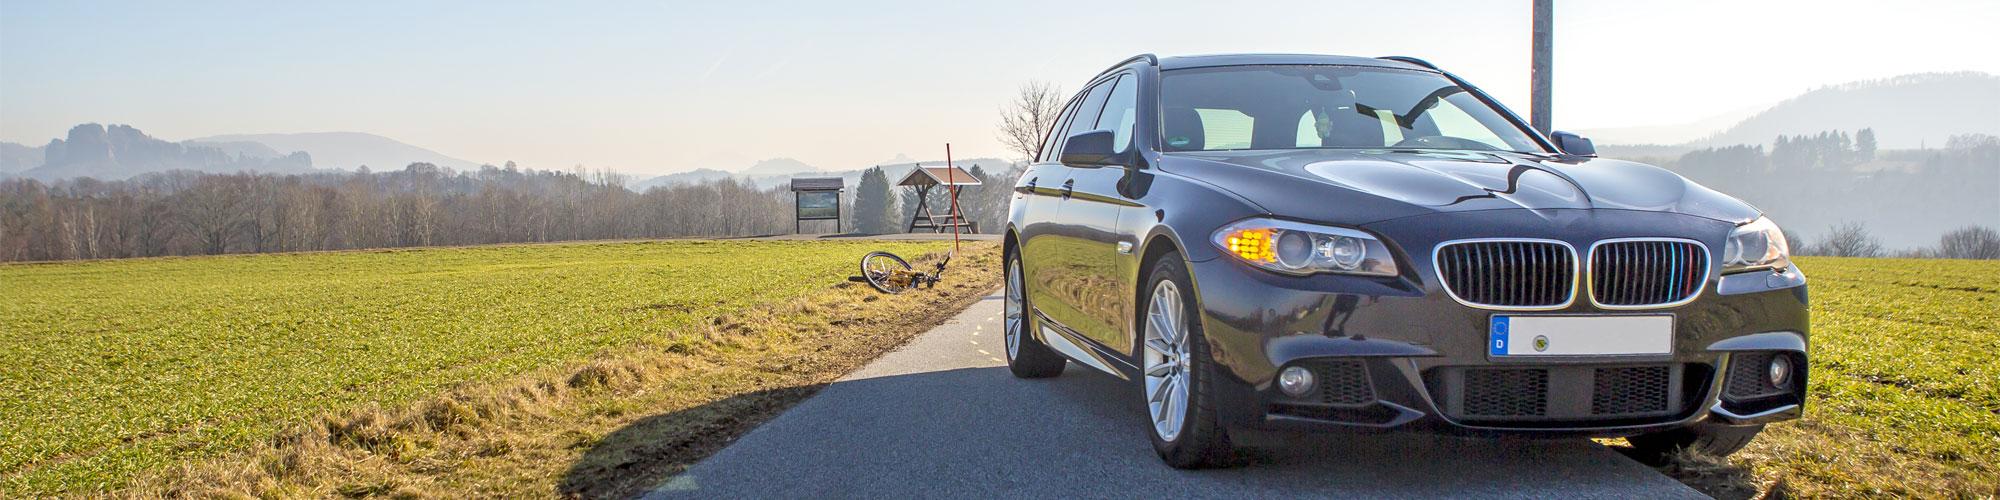 Im Vordergrund steht ein Auto leicht schräg auf einer schmalen Straße, dahinter liegt auf der linken Seite ein Fahrrad neben der Fahrbahn auf dem Rasen